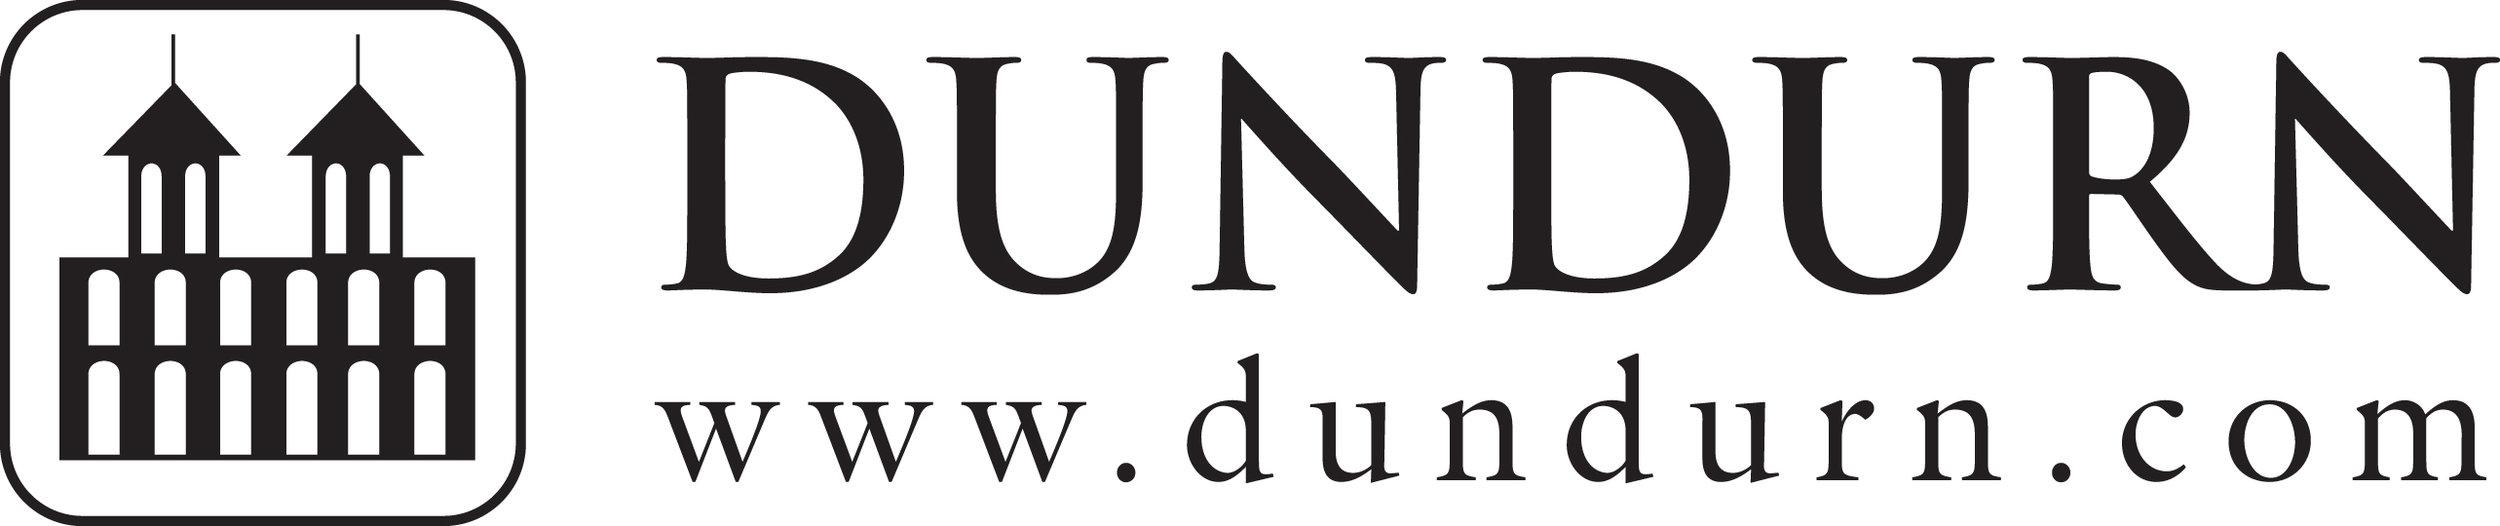 Dundurn-Press.jpg